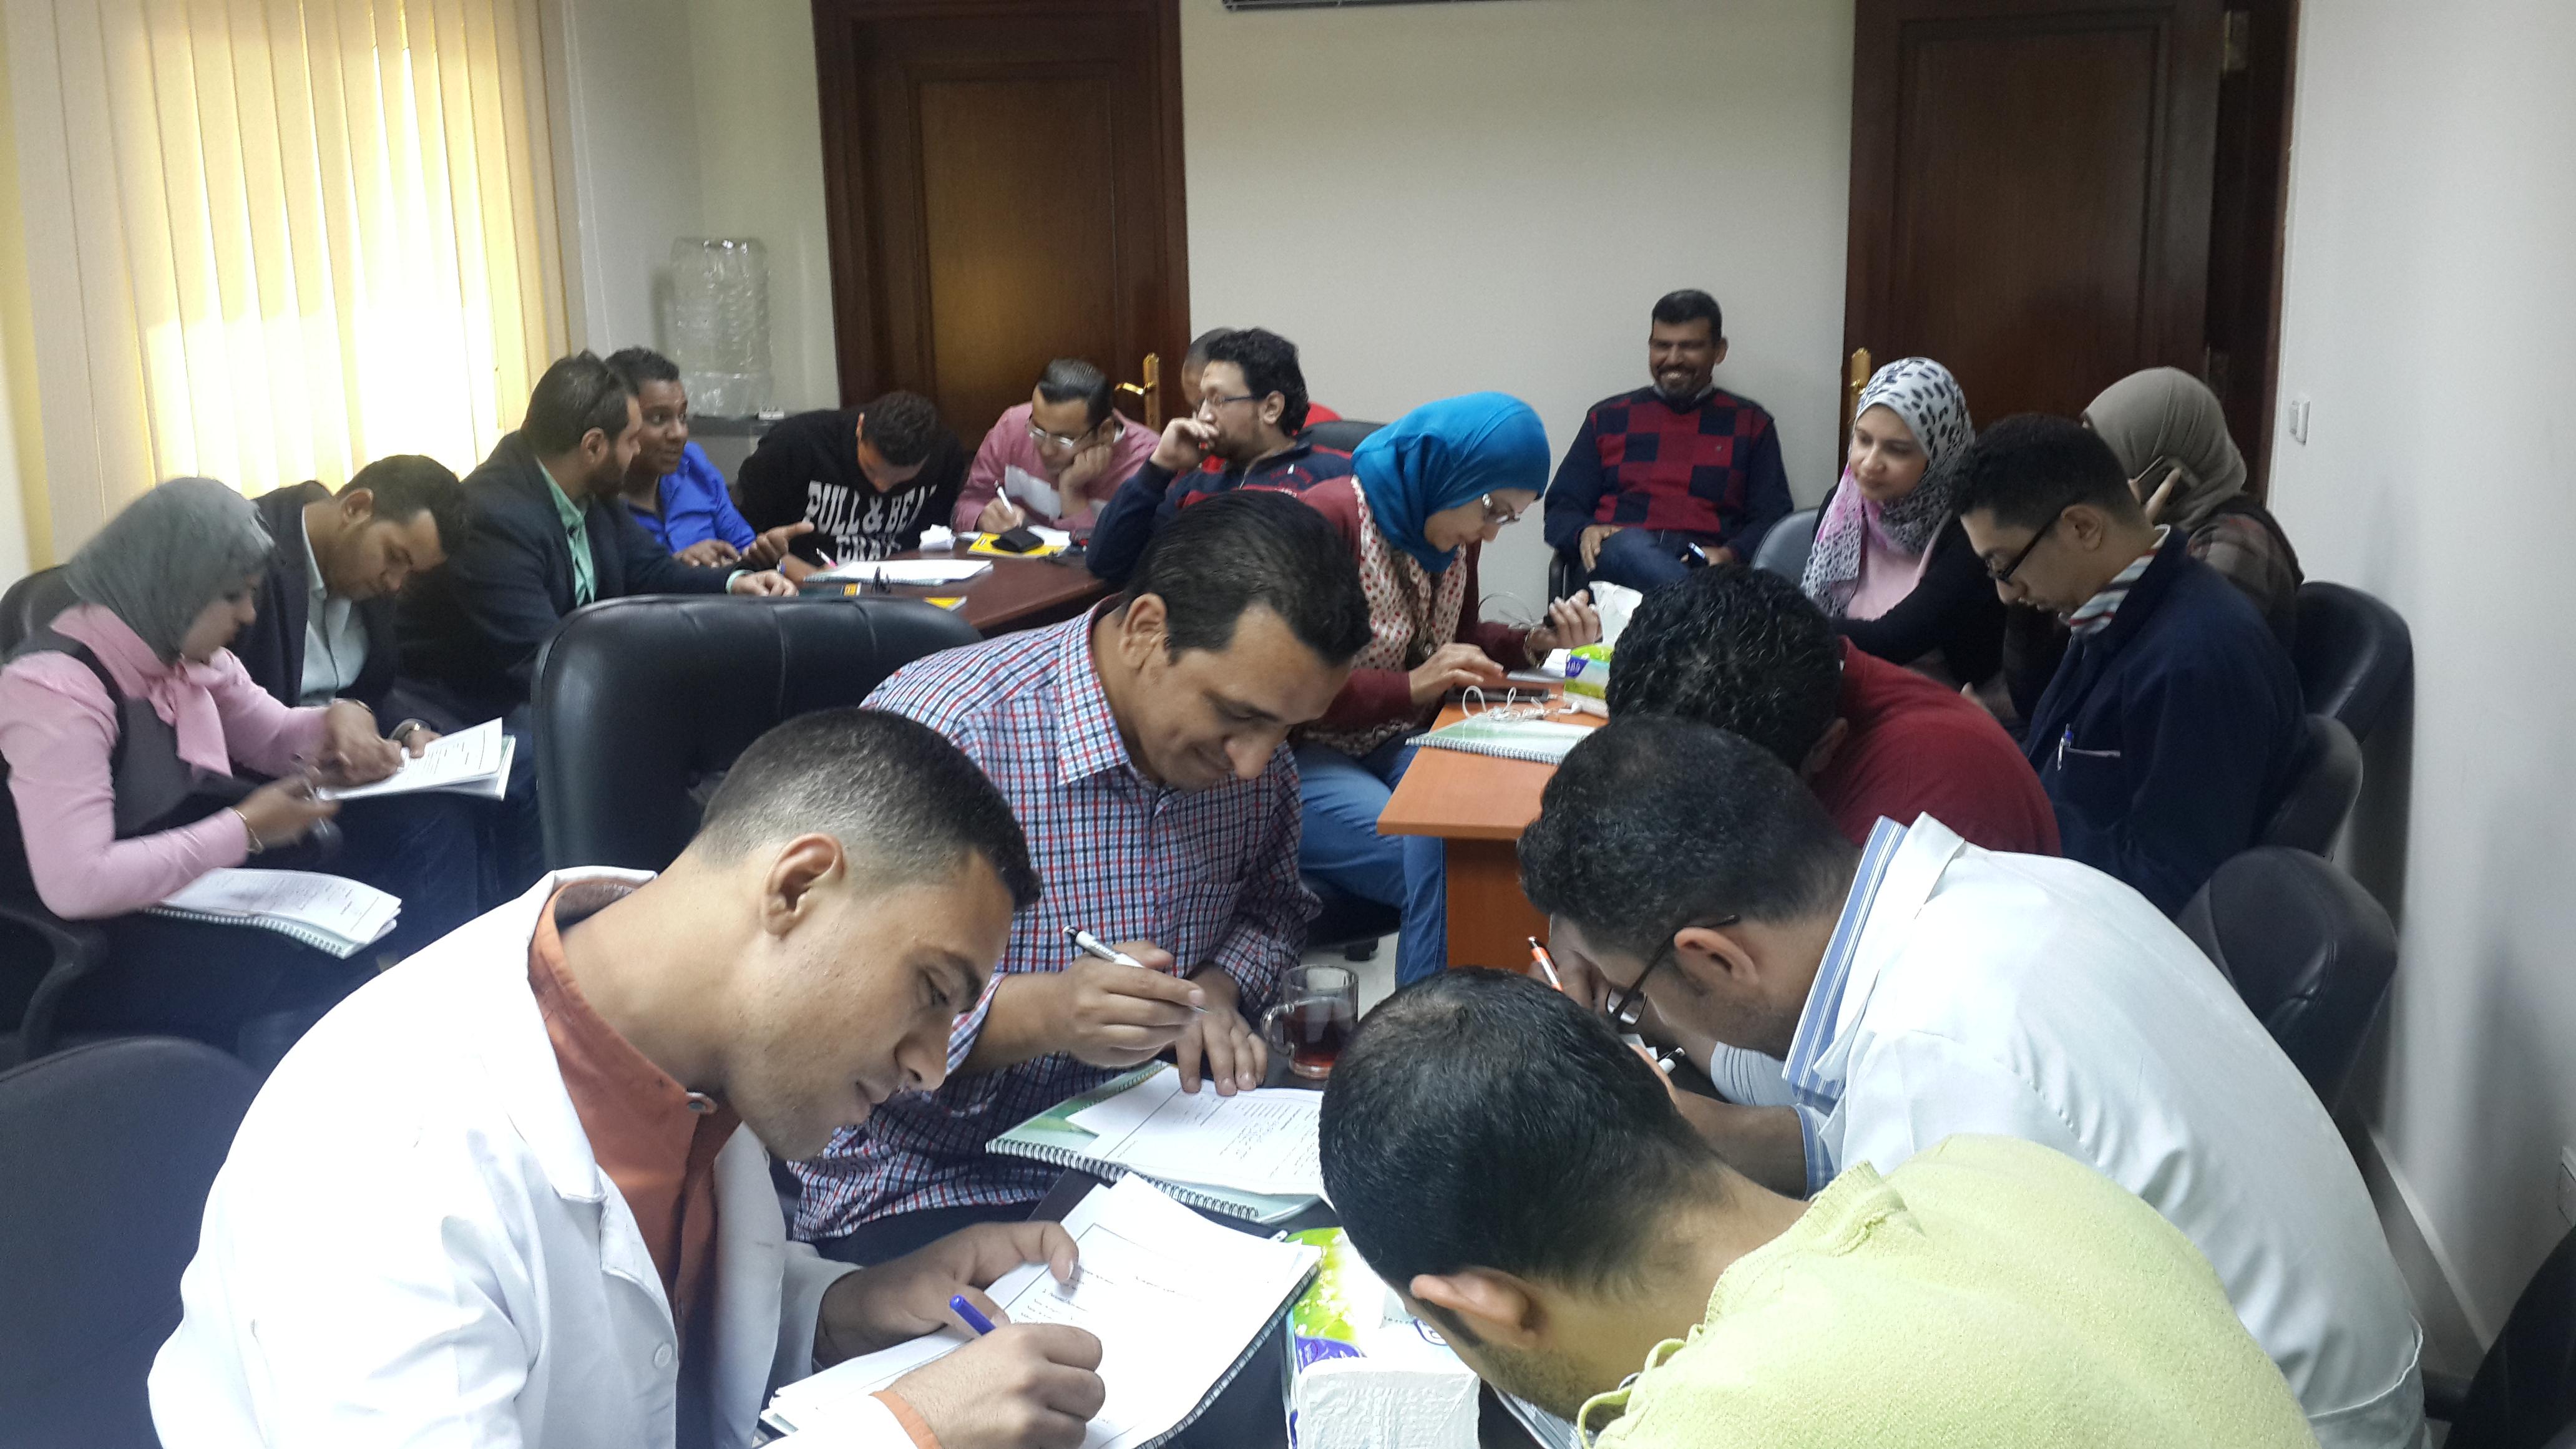 Excellence Center Egypt 20160330-20160330_101014 .jpg